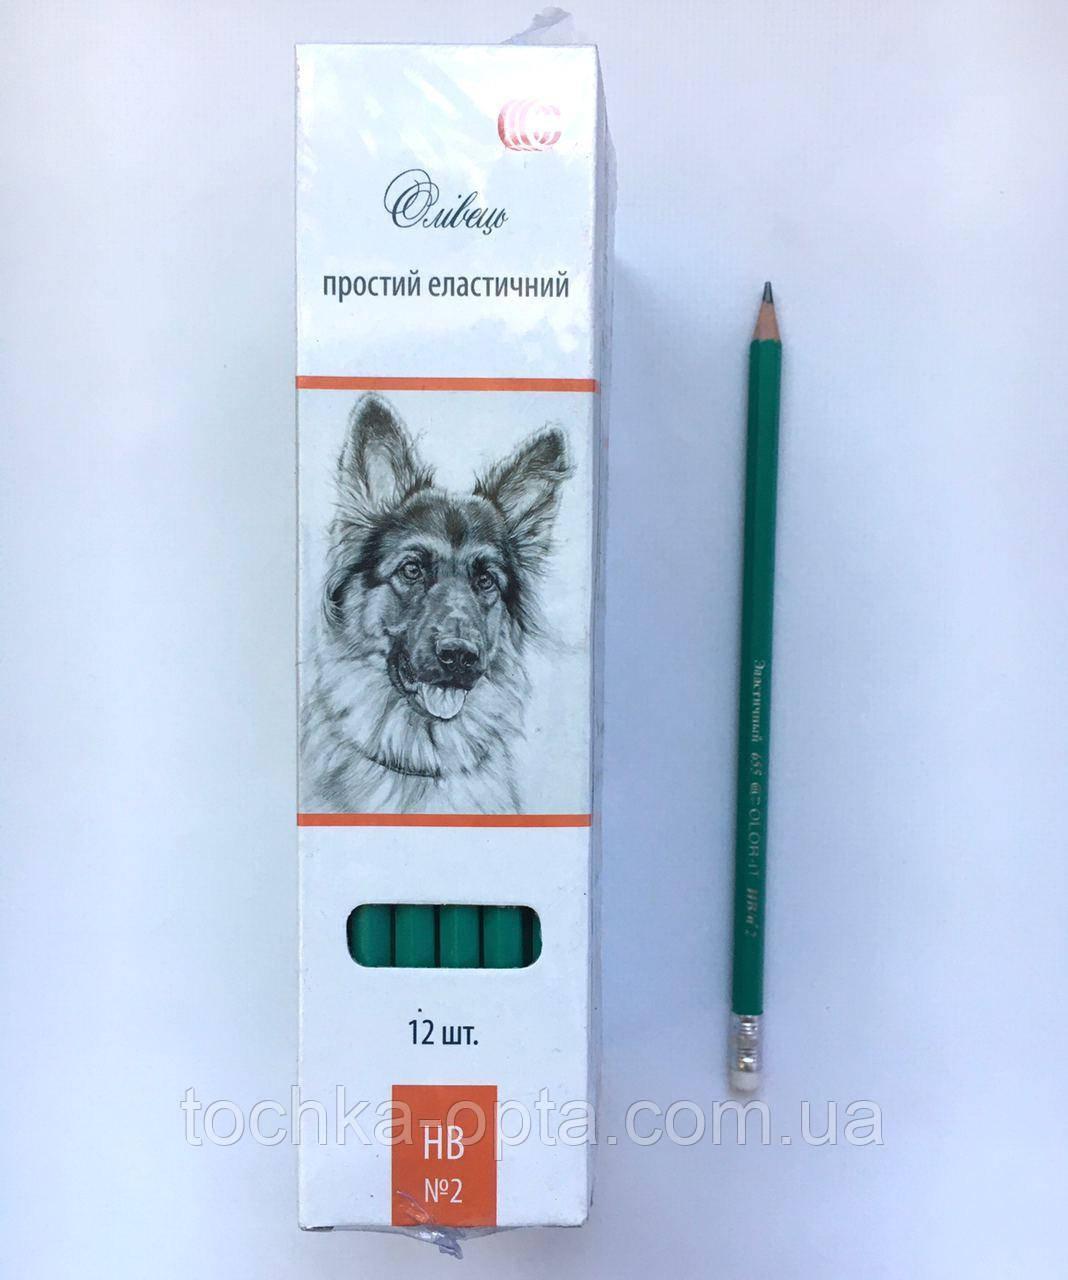 Простий еластичний олівець з гумкою 12 шт. в упаковці